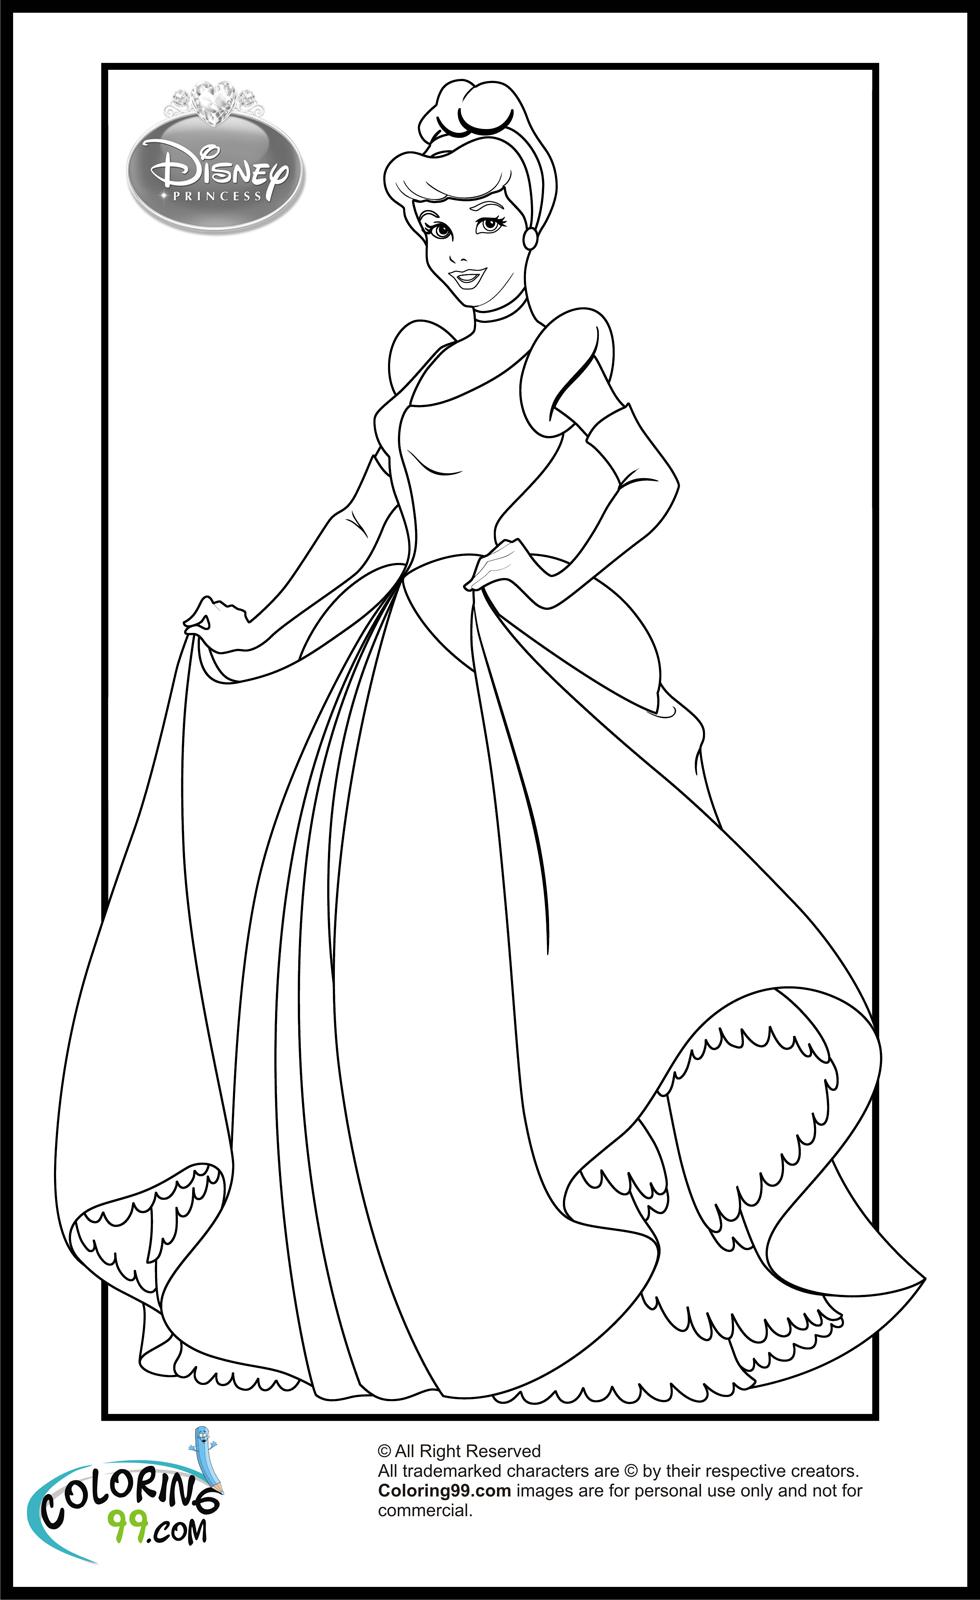 cinderella coloring cinderella coloring page minister coloring coloring cinderella